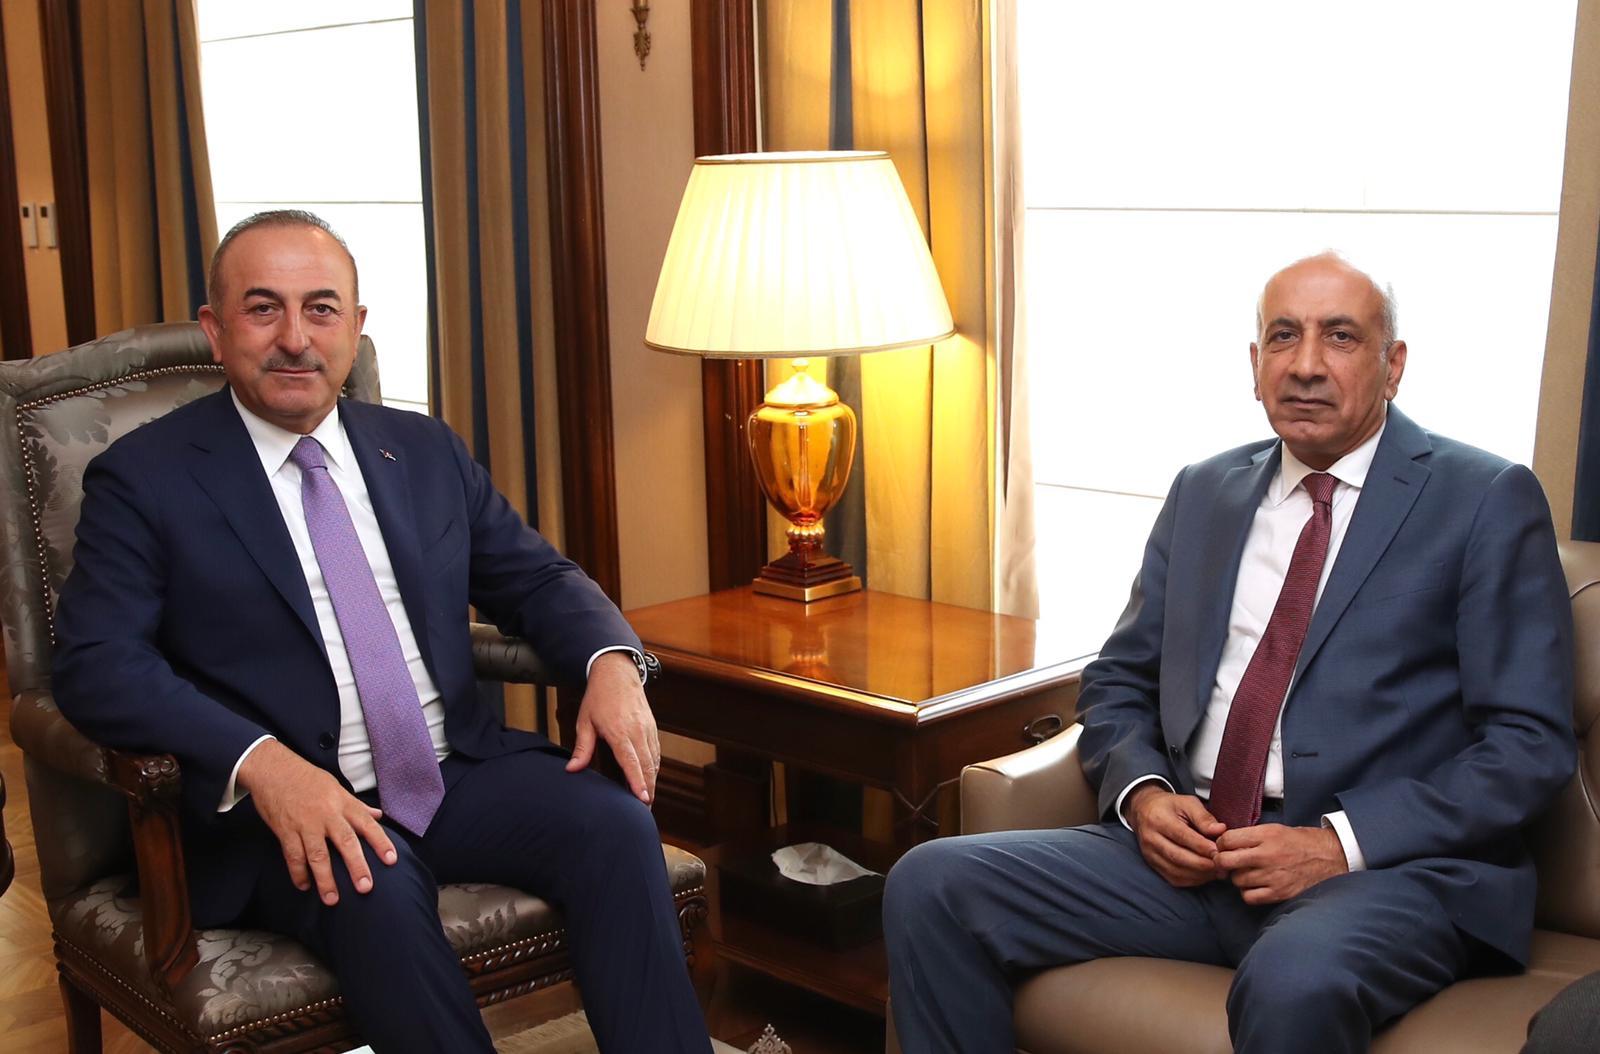 Kaya Dışişleri Bakanı Çavuşoğlu ile bir araya geldi